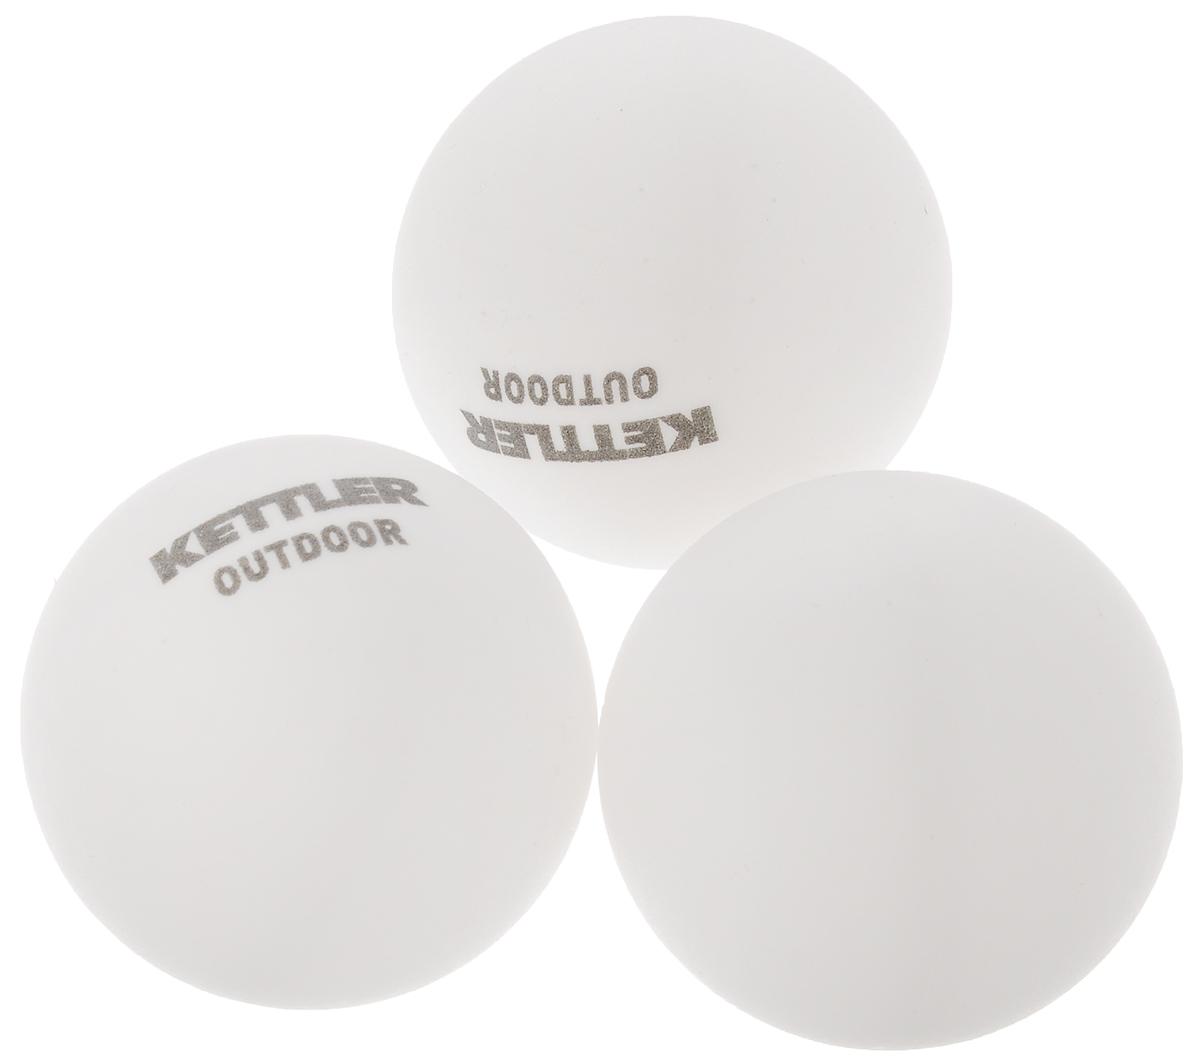 Мяч для настольного тенниса Kettler, диаметр 4 см, 3 шт7222-500Набор мячей Kettler, выполненных из поливинилхлорида, предназначен для игры в настольный теннис. Диаметр мяча: 4 см.